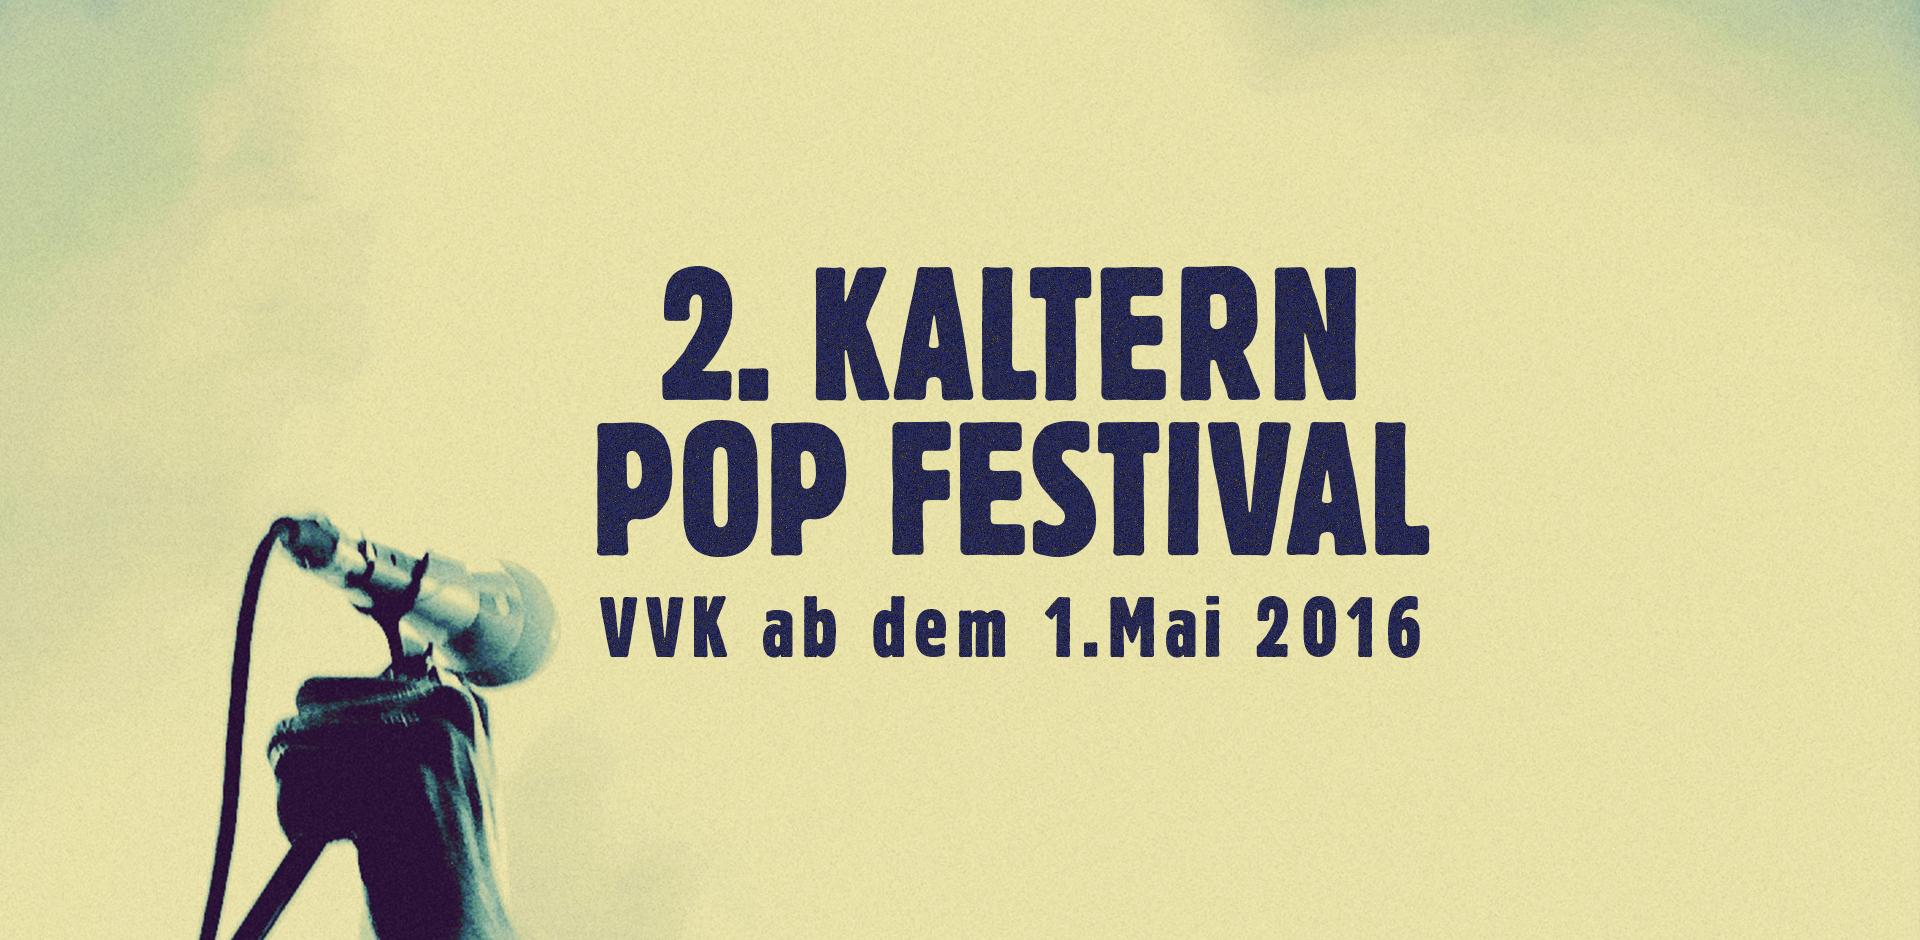 VVK 2016